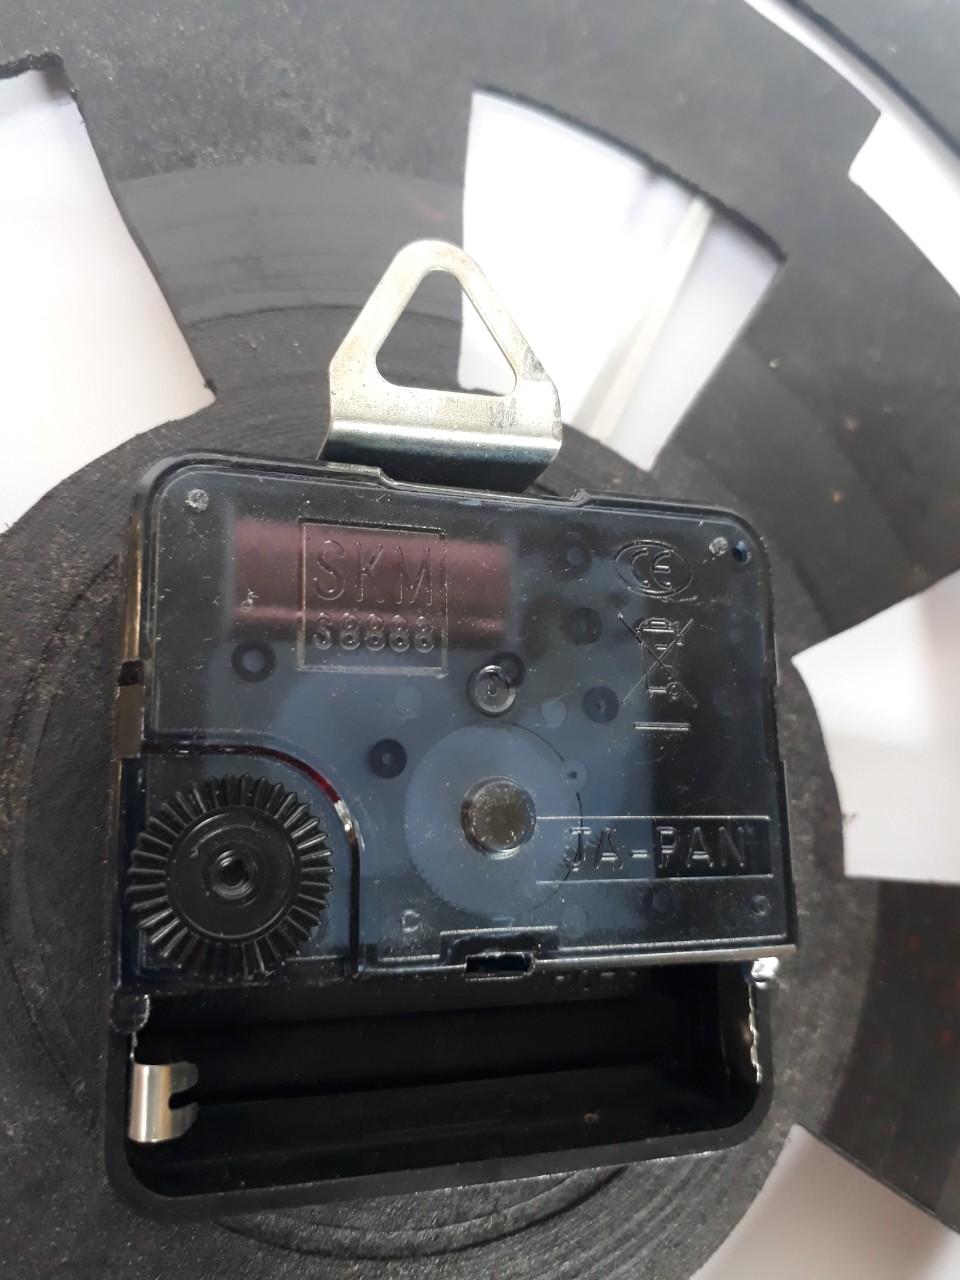 đồng hồ bằng đĩa than nghe nhạc cũ hình cái khiên độc lạ dùng làm trang trí phòng hoặc làm quà tặng vô cùng độc đáo